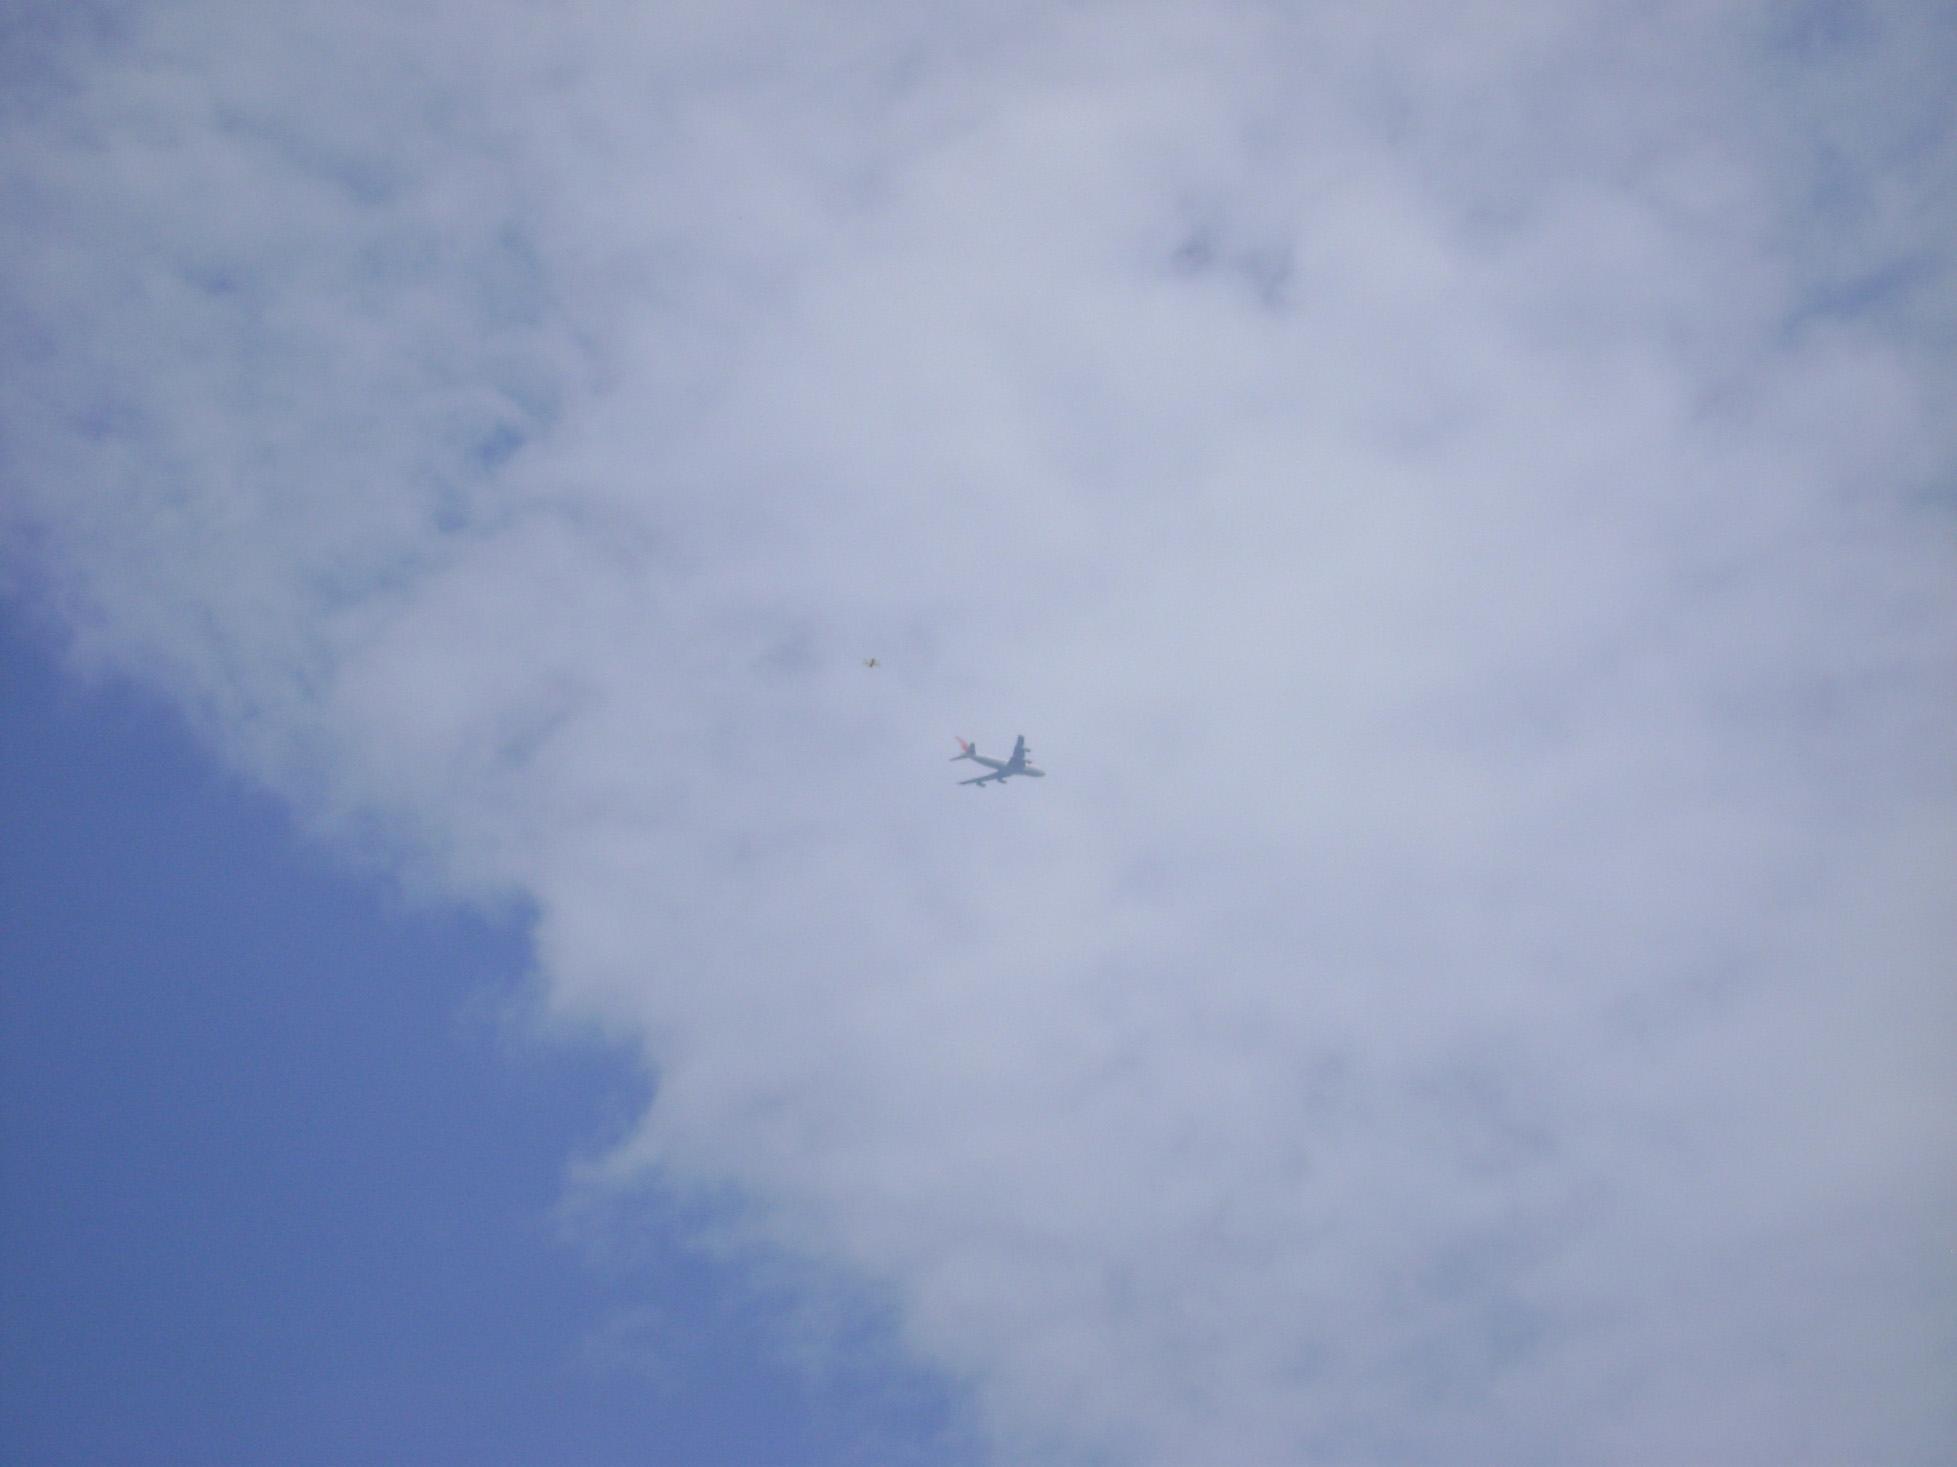 Blue sky with aeroplane photo